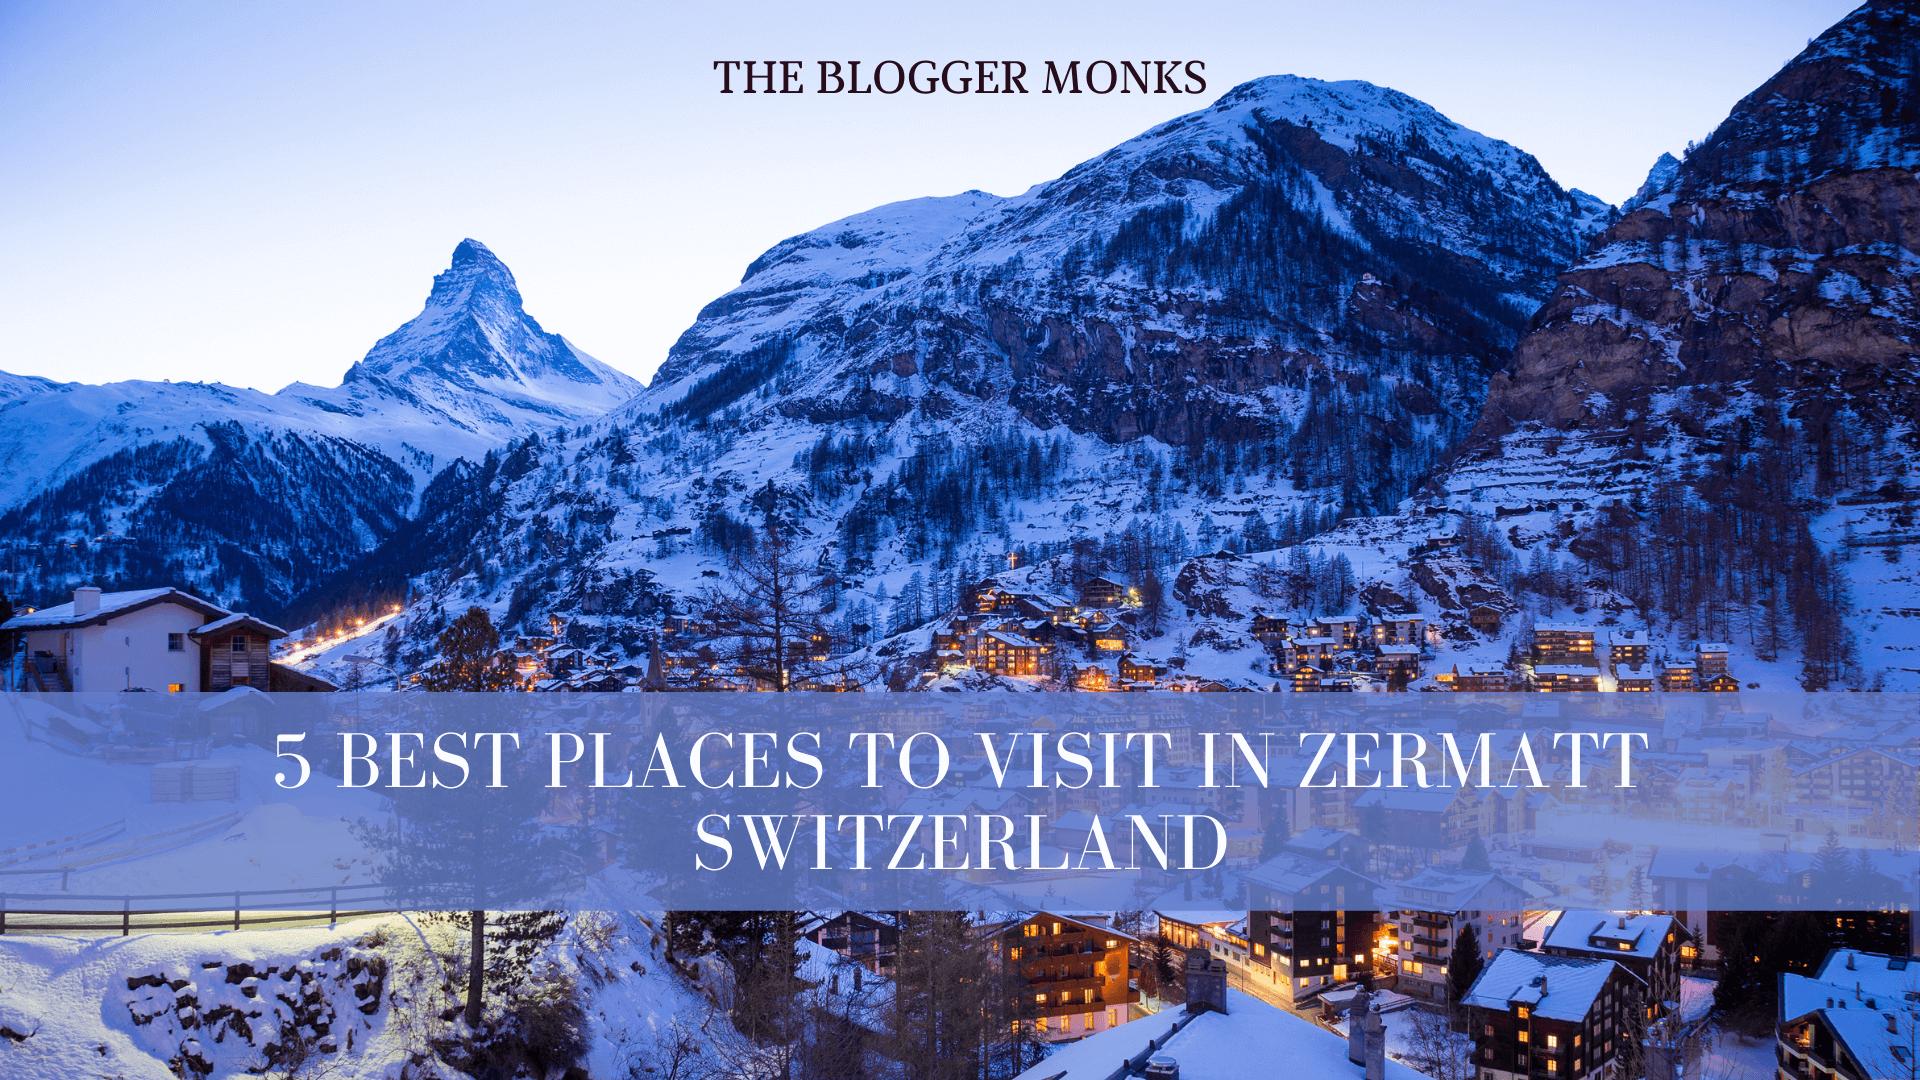 5 best places to visit in Zermatt Switzerland